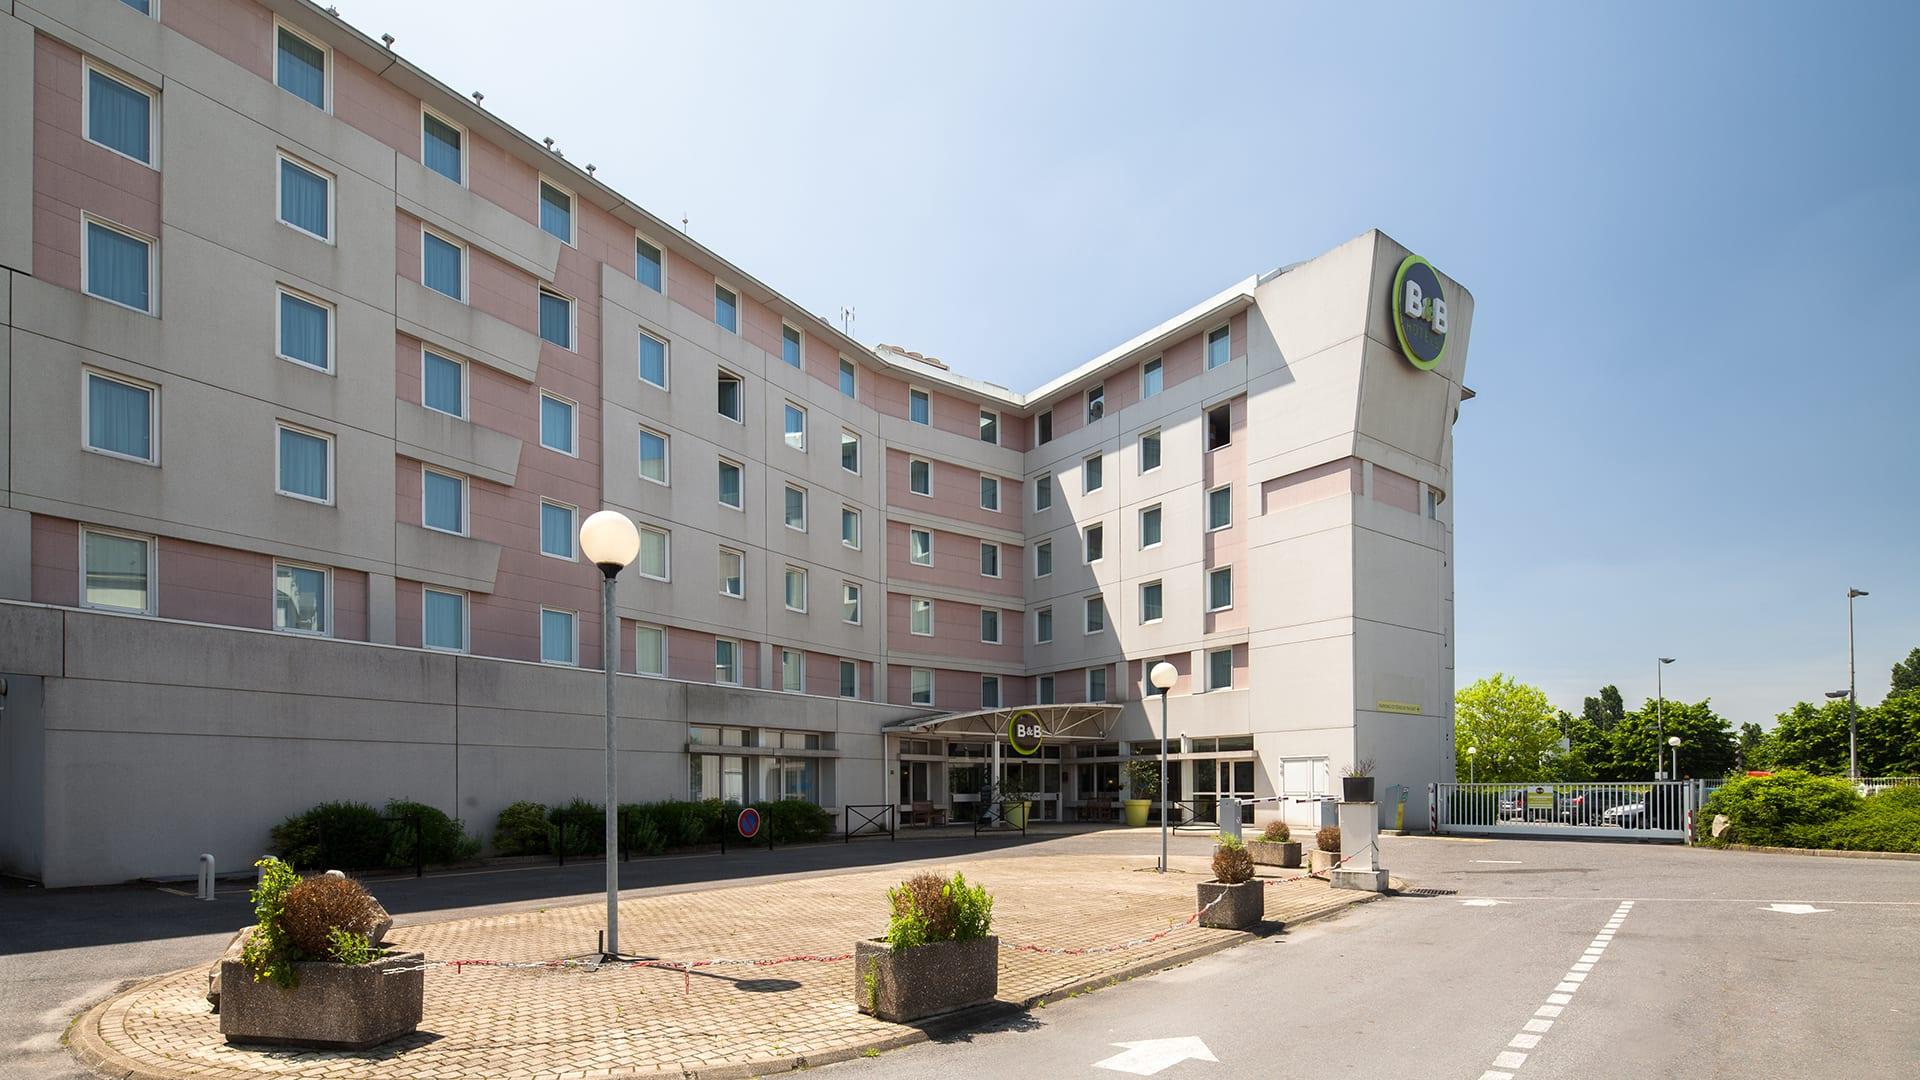 Otel B&b Hotel Paris Roissy Cdg Aéroport, Roissy-En-France ... pour Hotel Des Jardins Vincennes